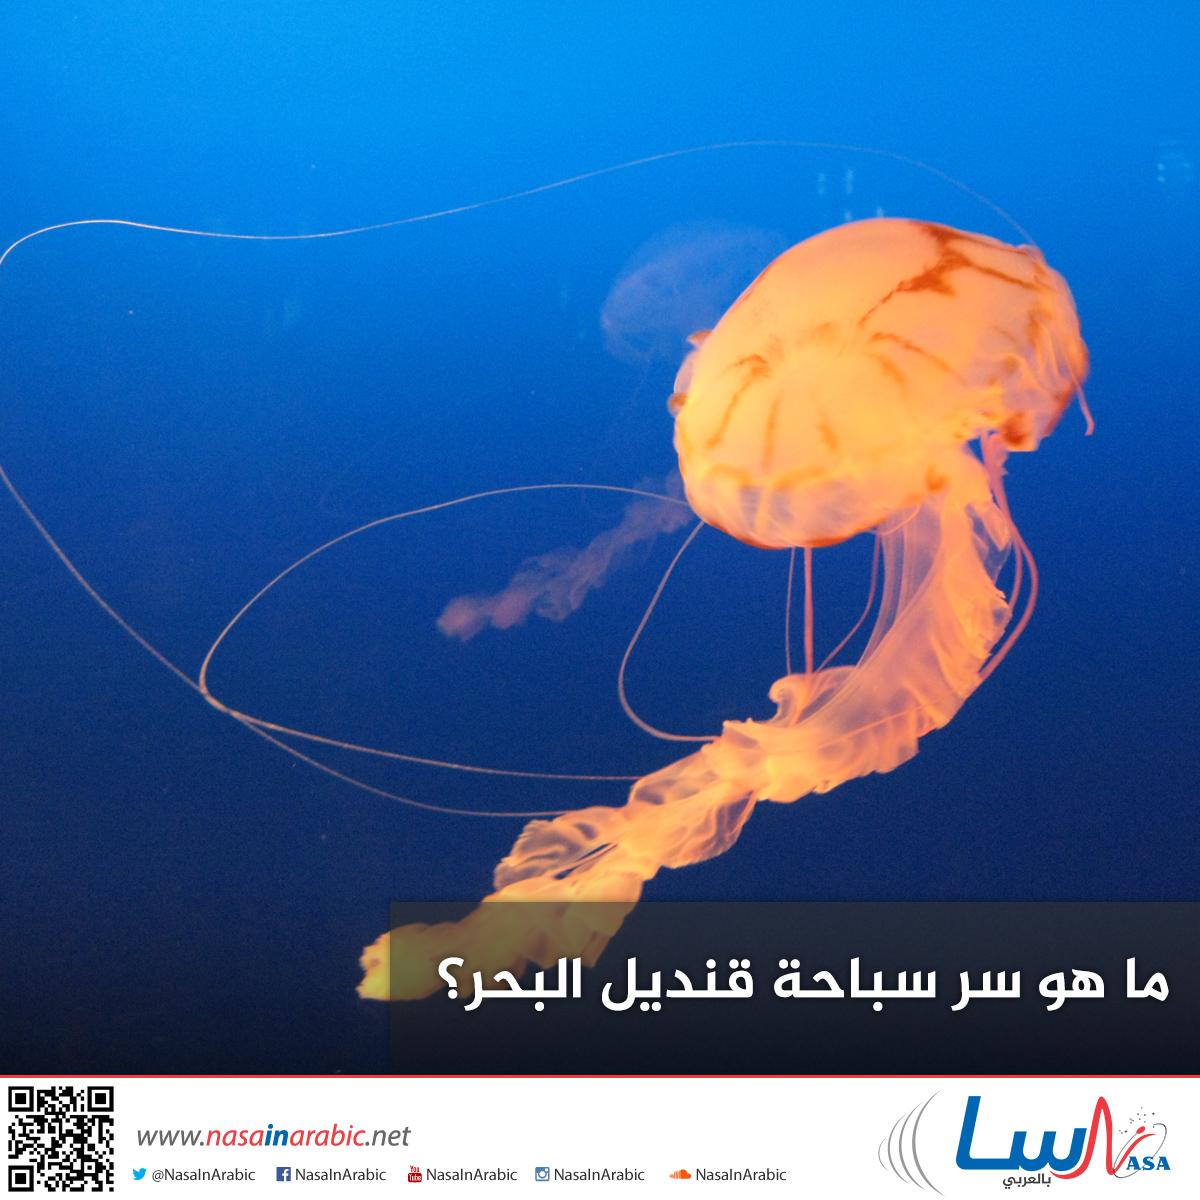 ما هو سر سباحة قنديل البحر؟